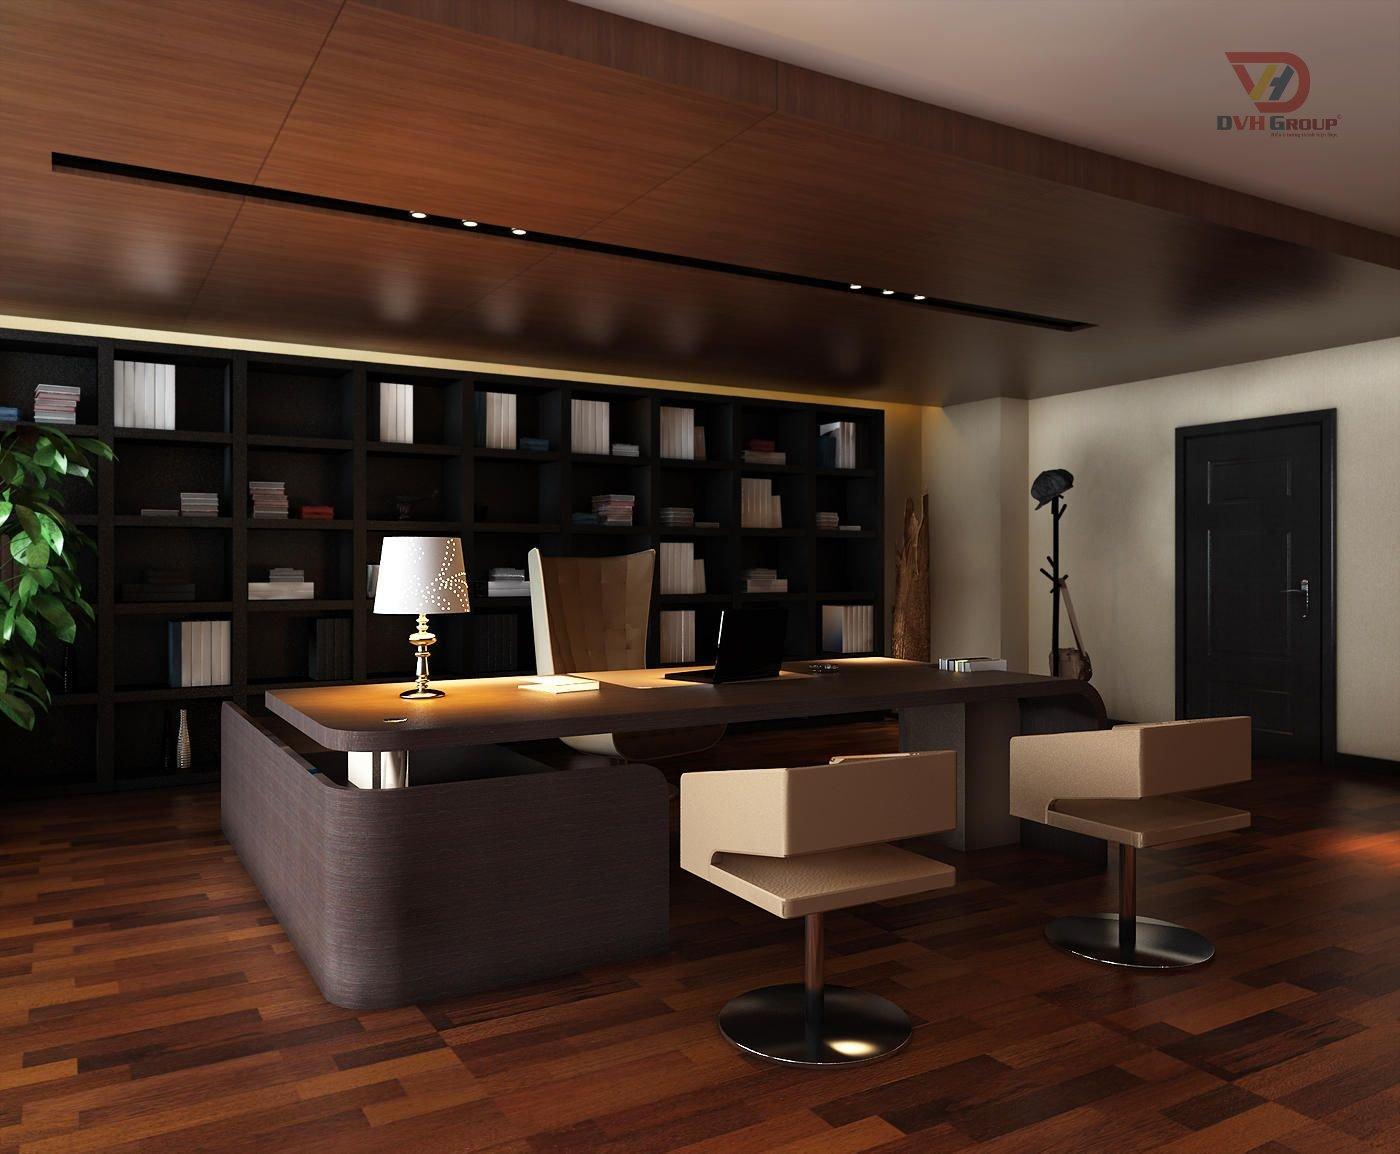 Thiết kế nội thất văn phòng - Phòng giám đốc